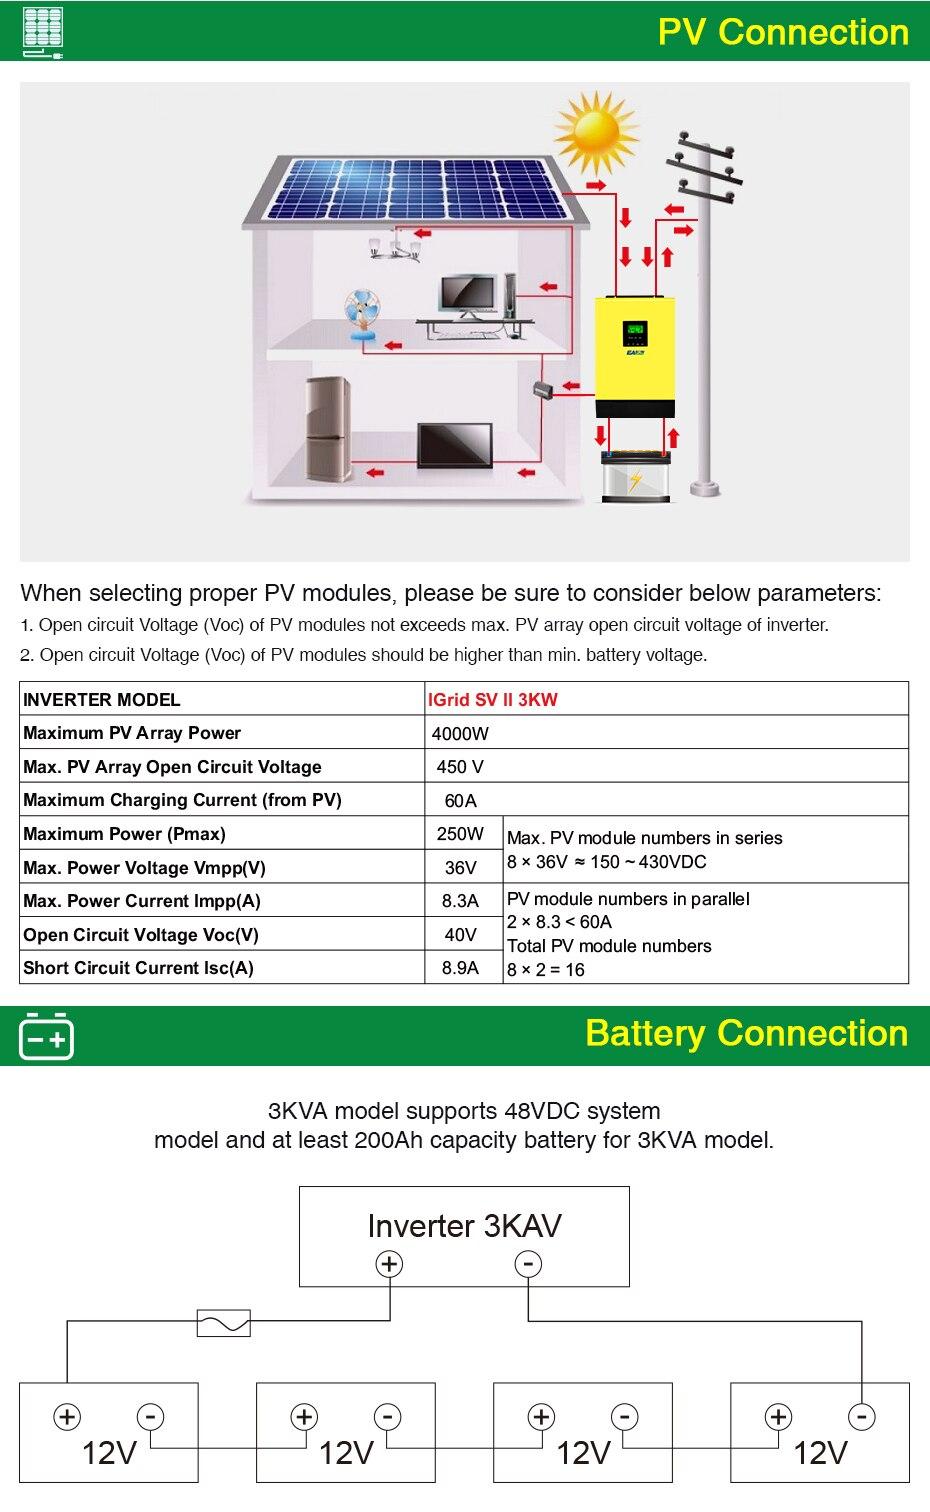 EASUN POWER Hybrid Solar inverter 3000W 48V 220V High PV Input 450Vdc MPPT Solar Charger 60A Power Inverter Grid Tied Inverter04